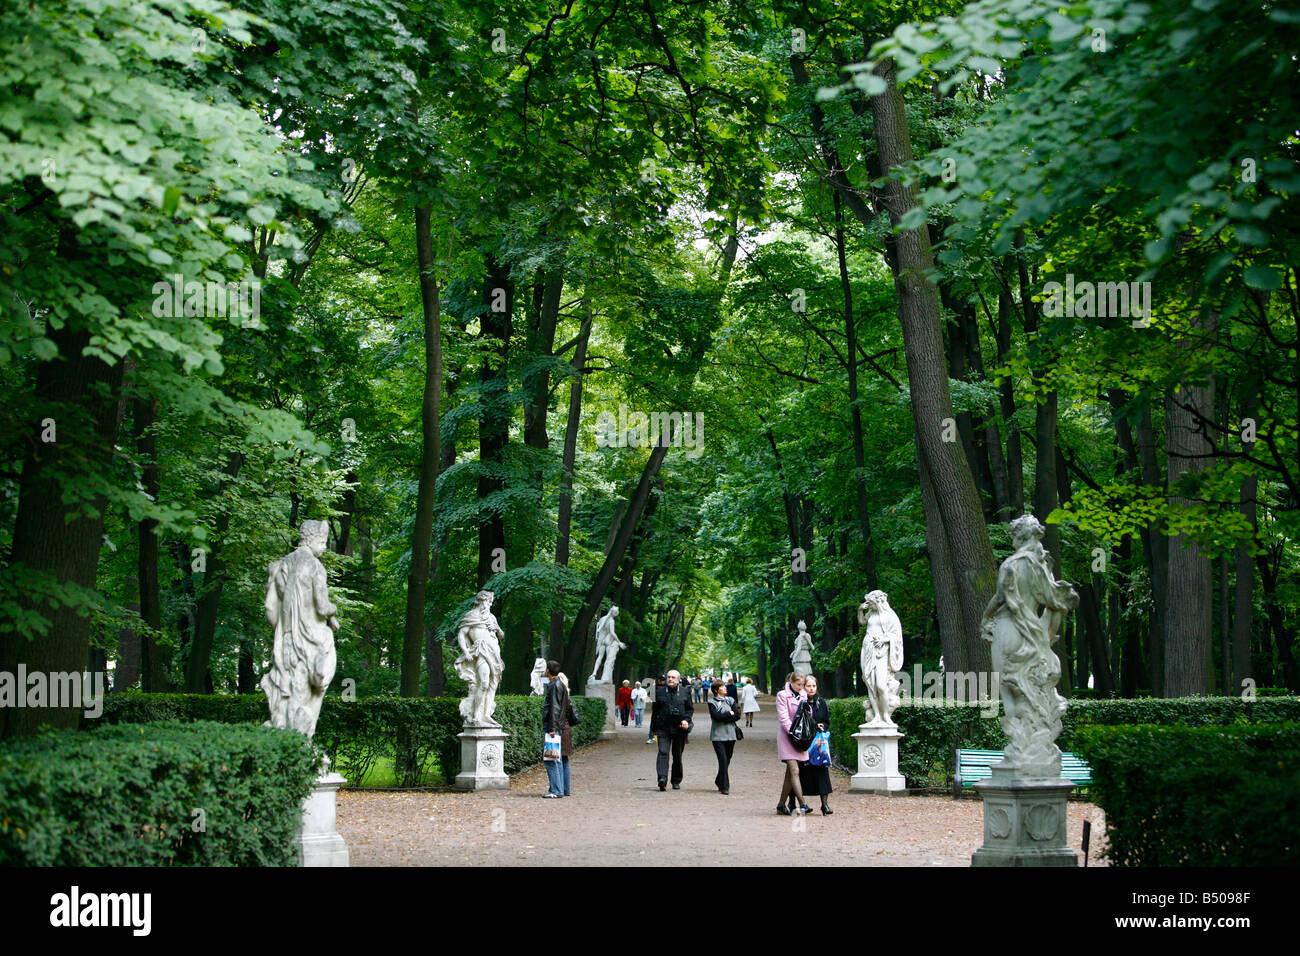 Août 2008 - Le Jardin d'été St Petersburg Russia Photo Stock